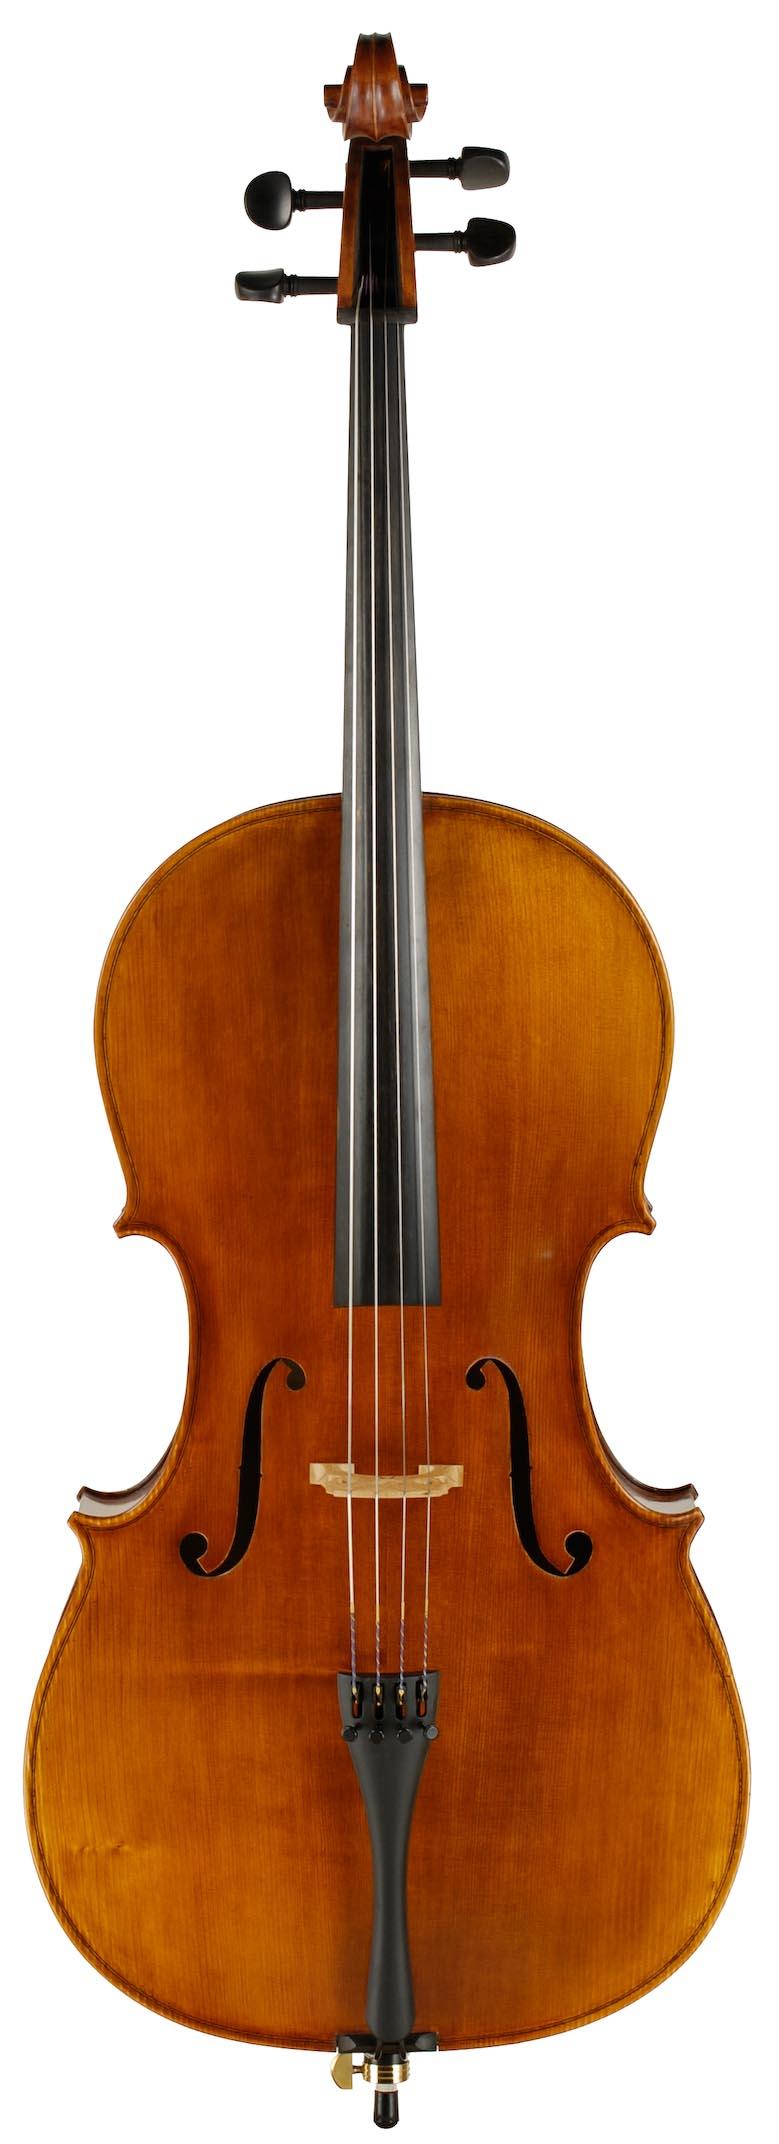 Shen_150_cello_top.jpg